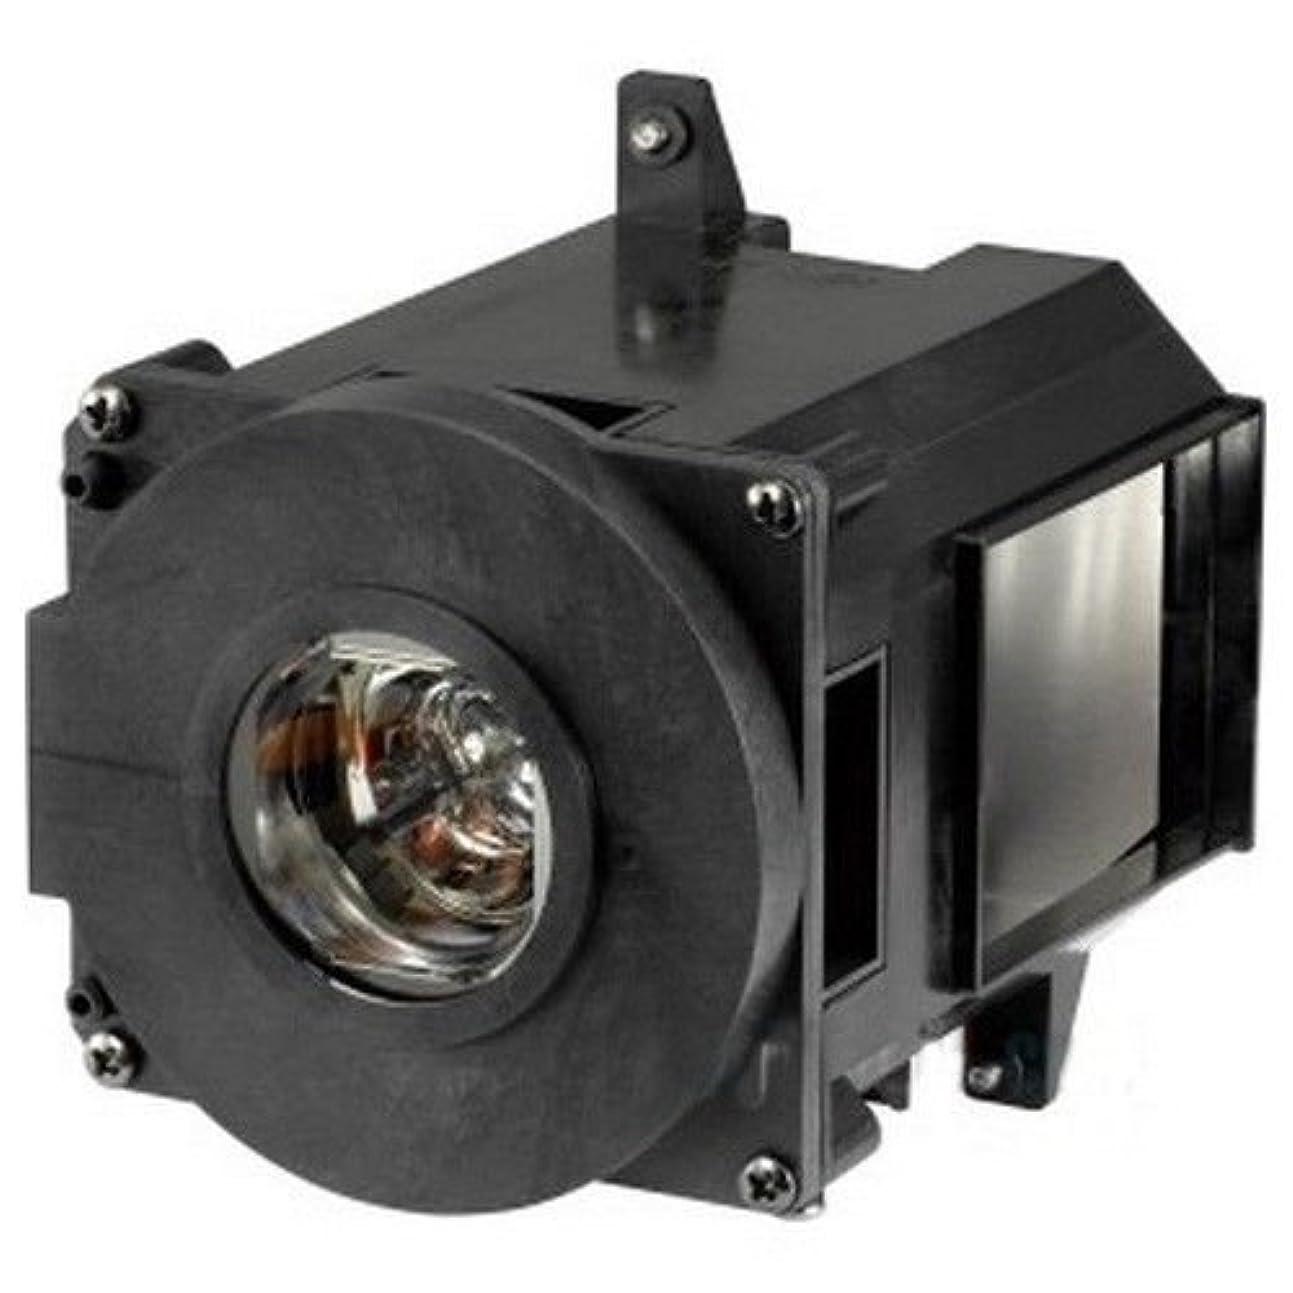 仕出します艶打ち上げるSupermait NP21LP プロジェクター交換用ランプ 汎用 150日間安心保証つき NP-PA500U NP-A500X / NP-PA5520W NP-PA600X / PA550W / PA500U / PA500X / PA600X 対応